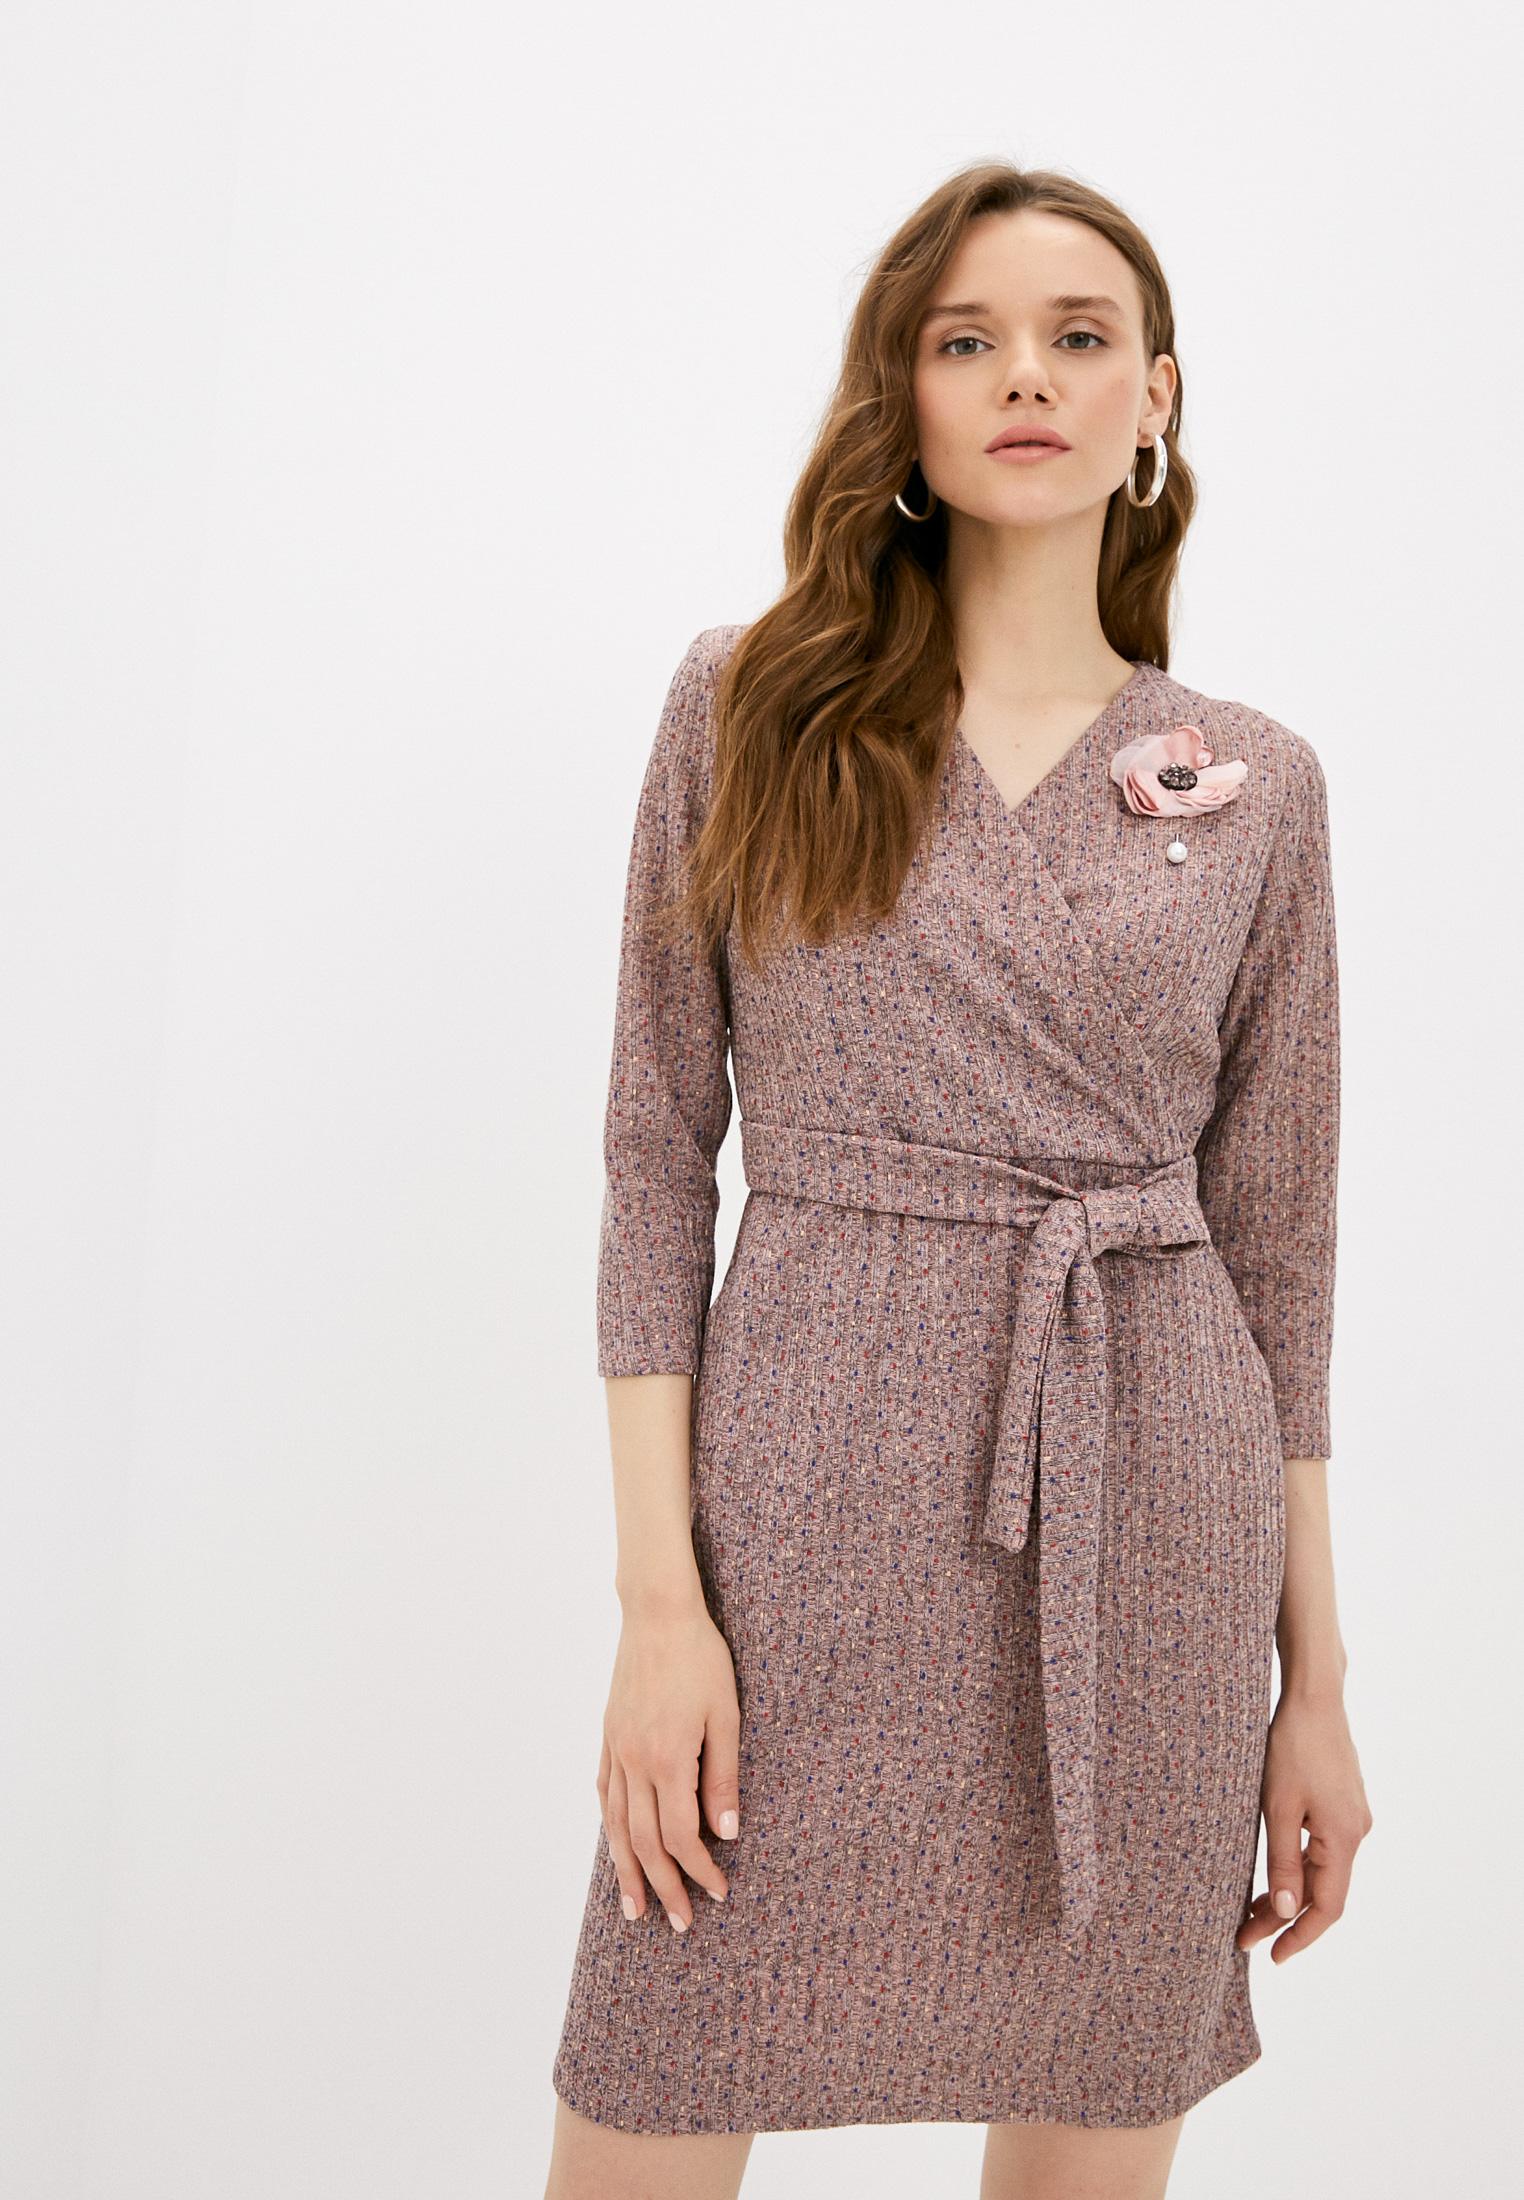 Платье Pink Orange PO21-0313-2336-1